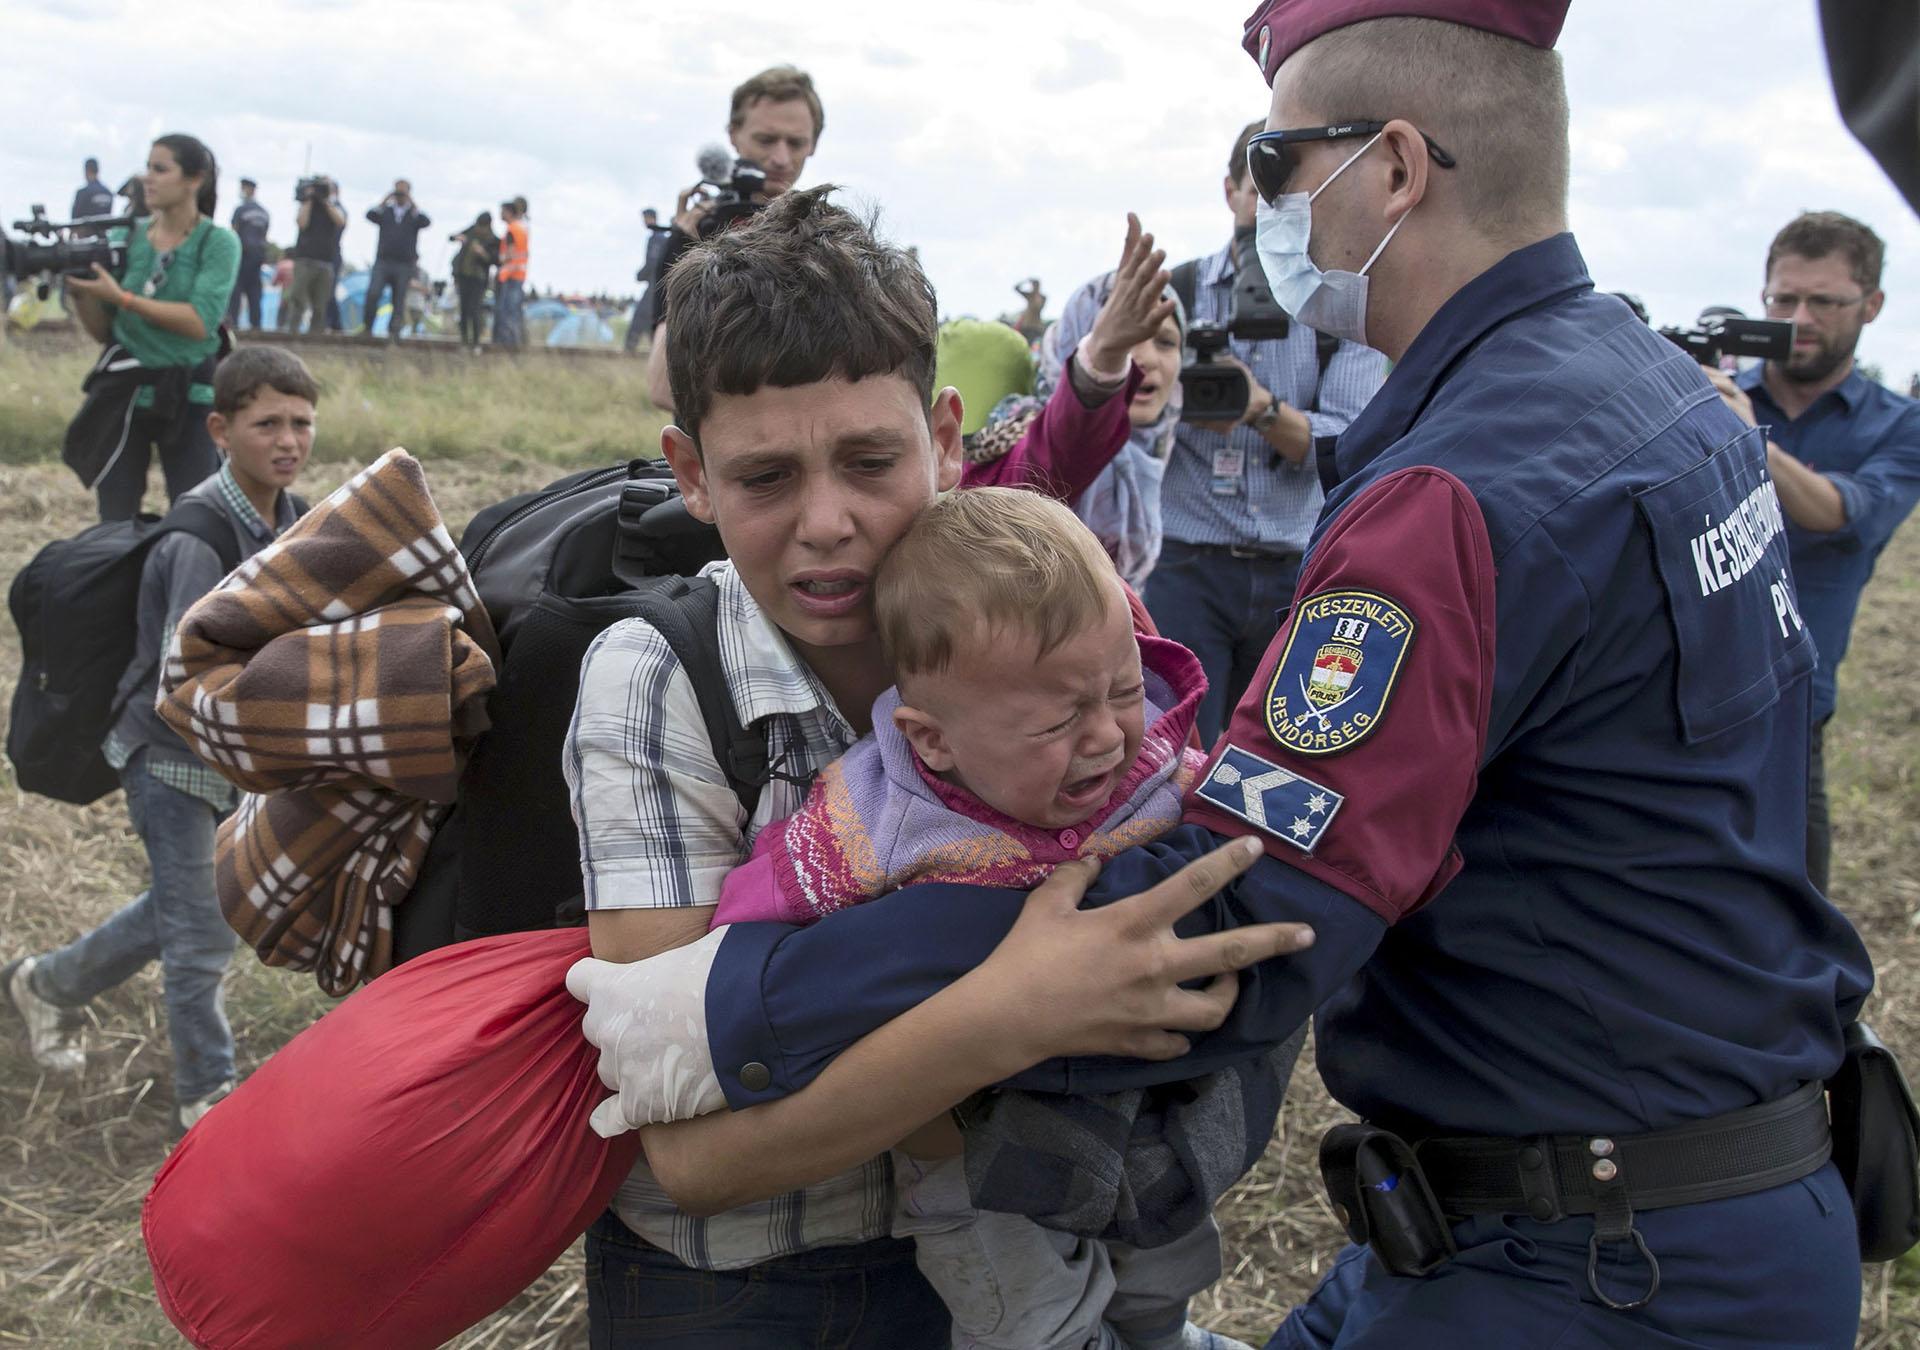 Un policía húngaro trata de detener a un niño migrante que corre cargando un bebé camino a un punto de encuentro. REUTERS/Marko Djurica TPX IMAGES OF THE DAY